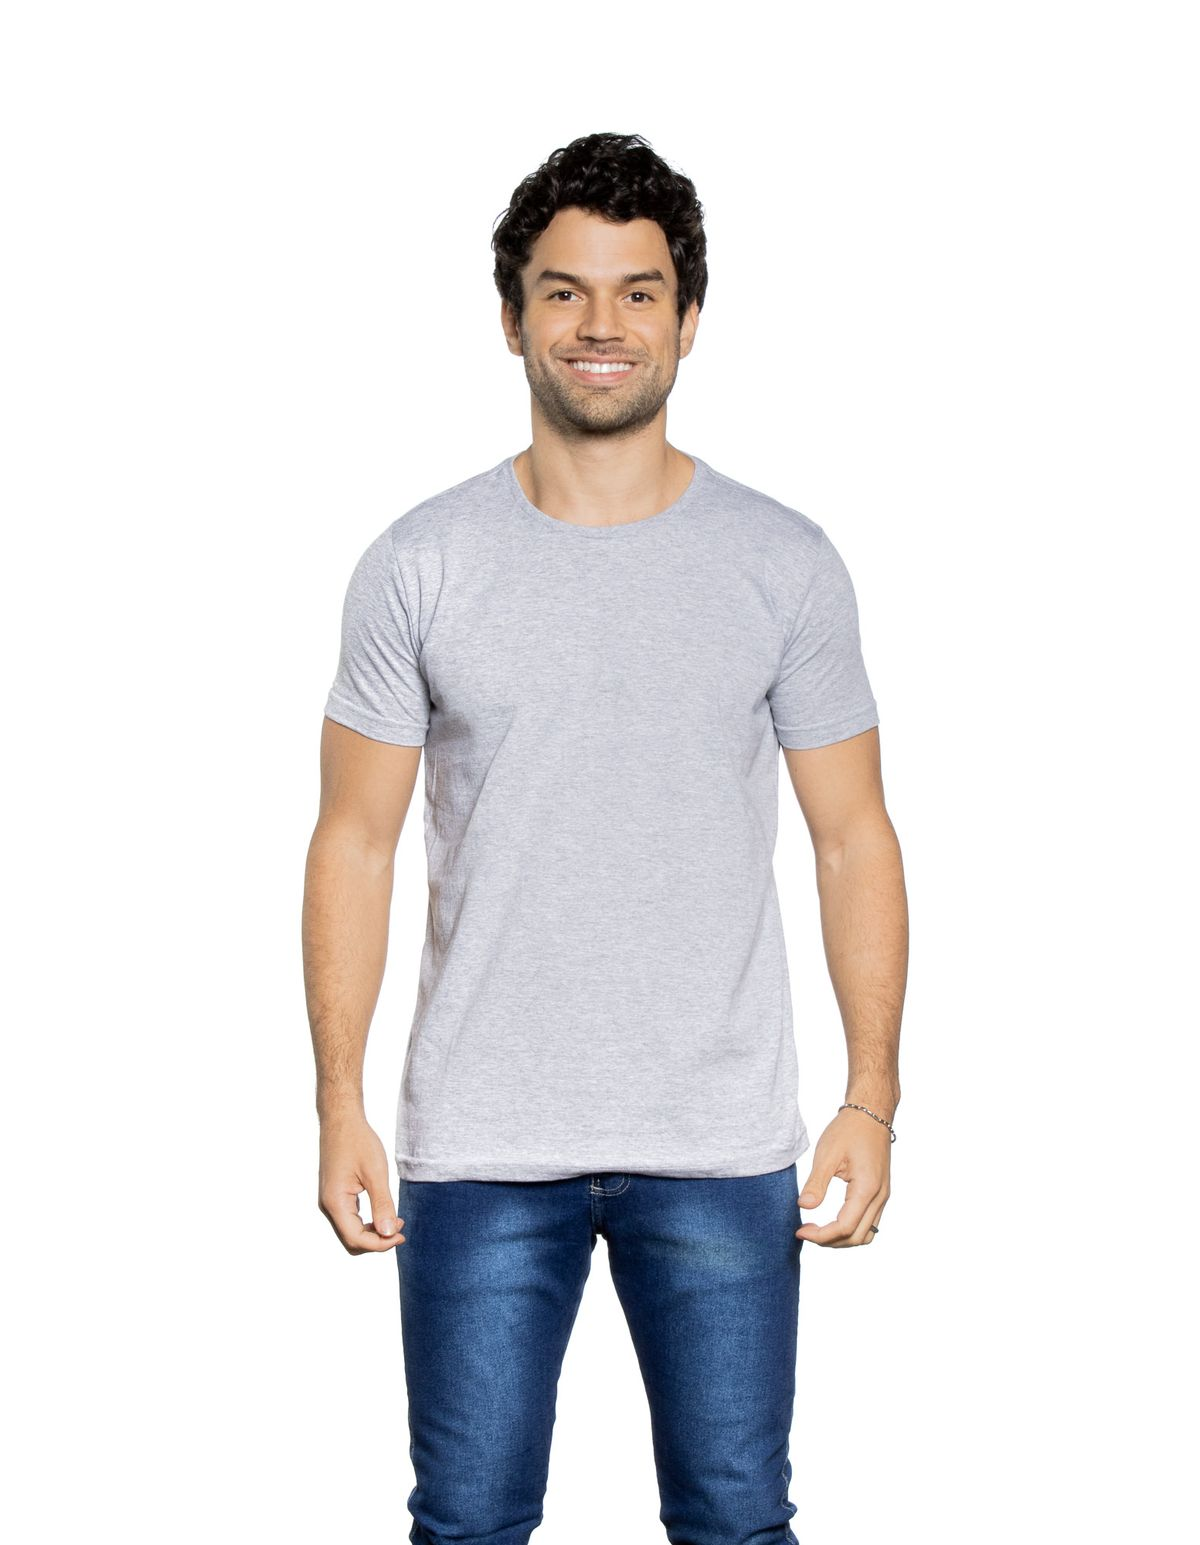 510600031-camiseta-basica-manga-curta-flame-masculina-cinza-g-aaf